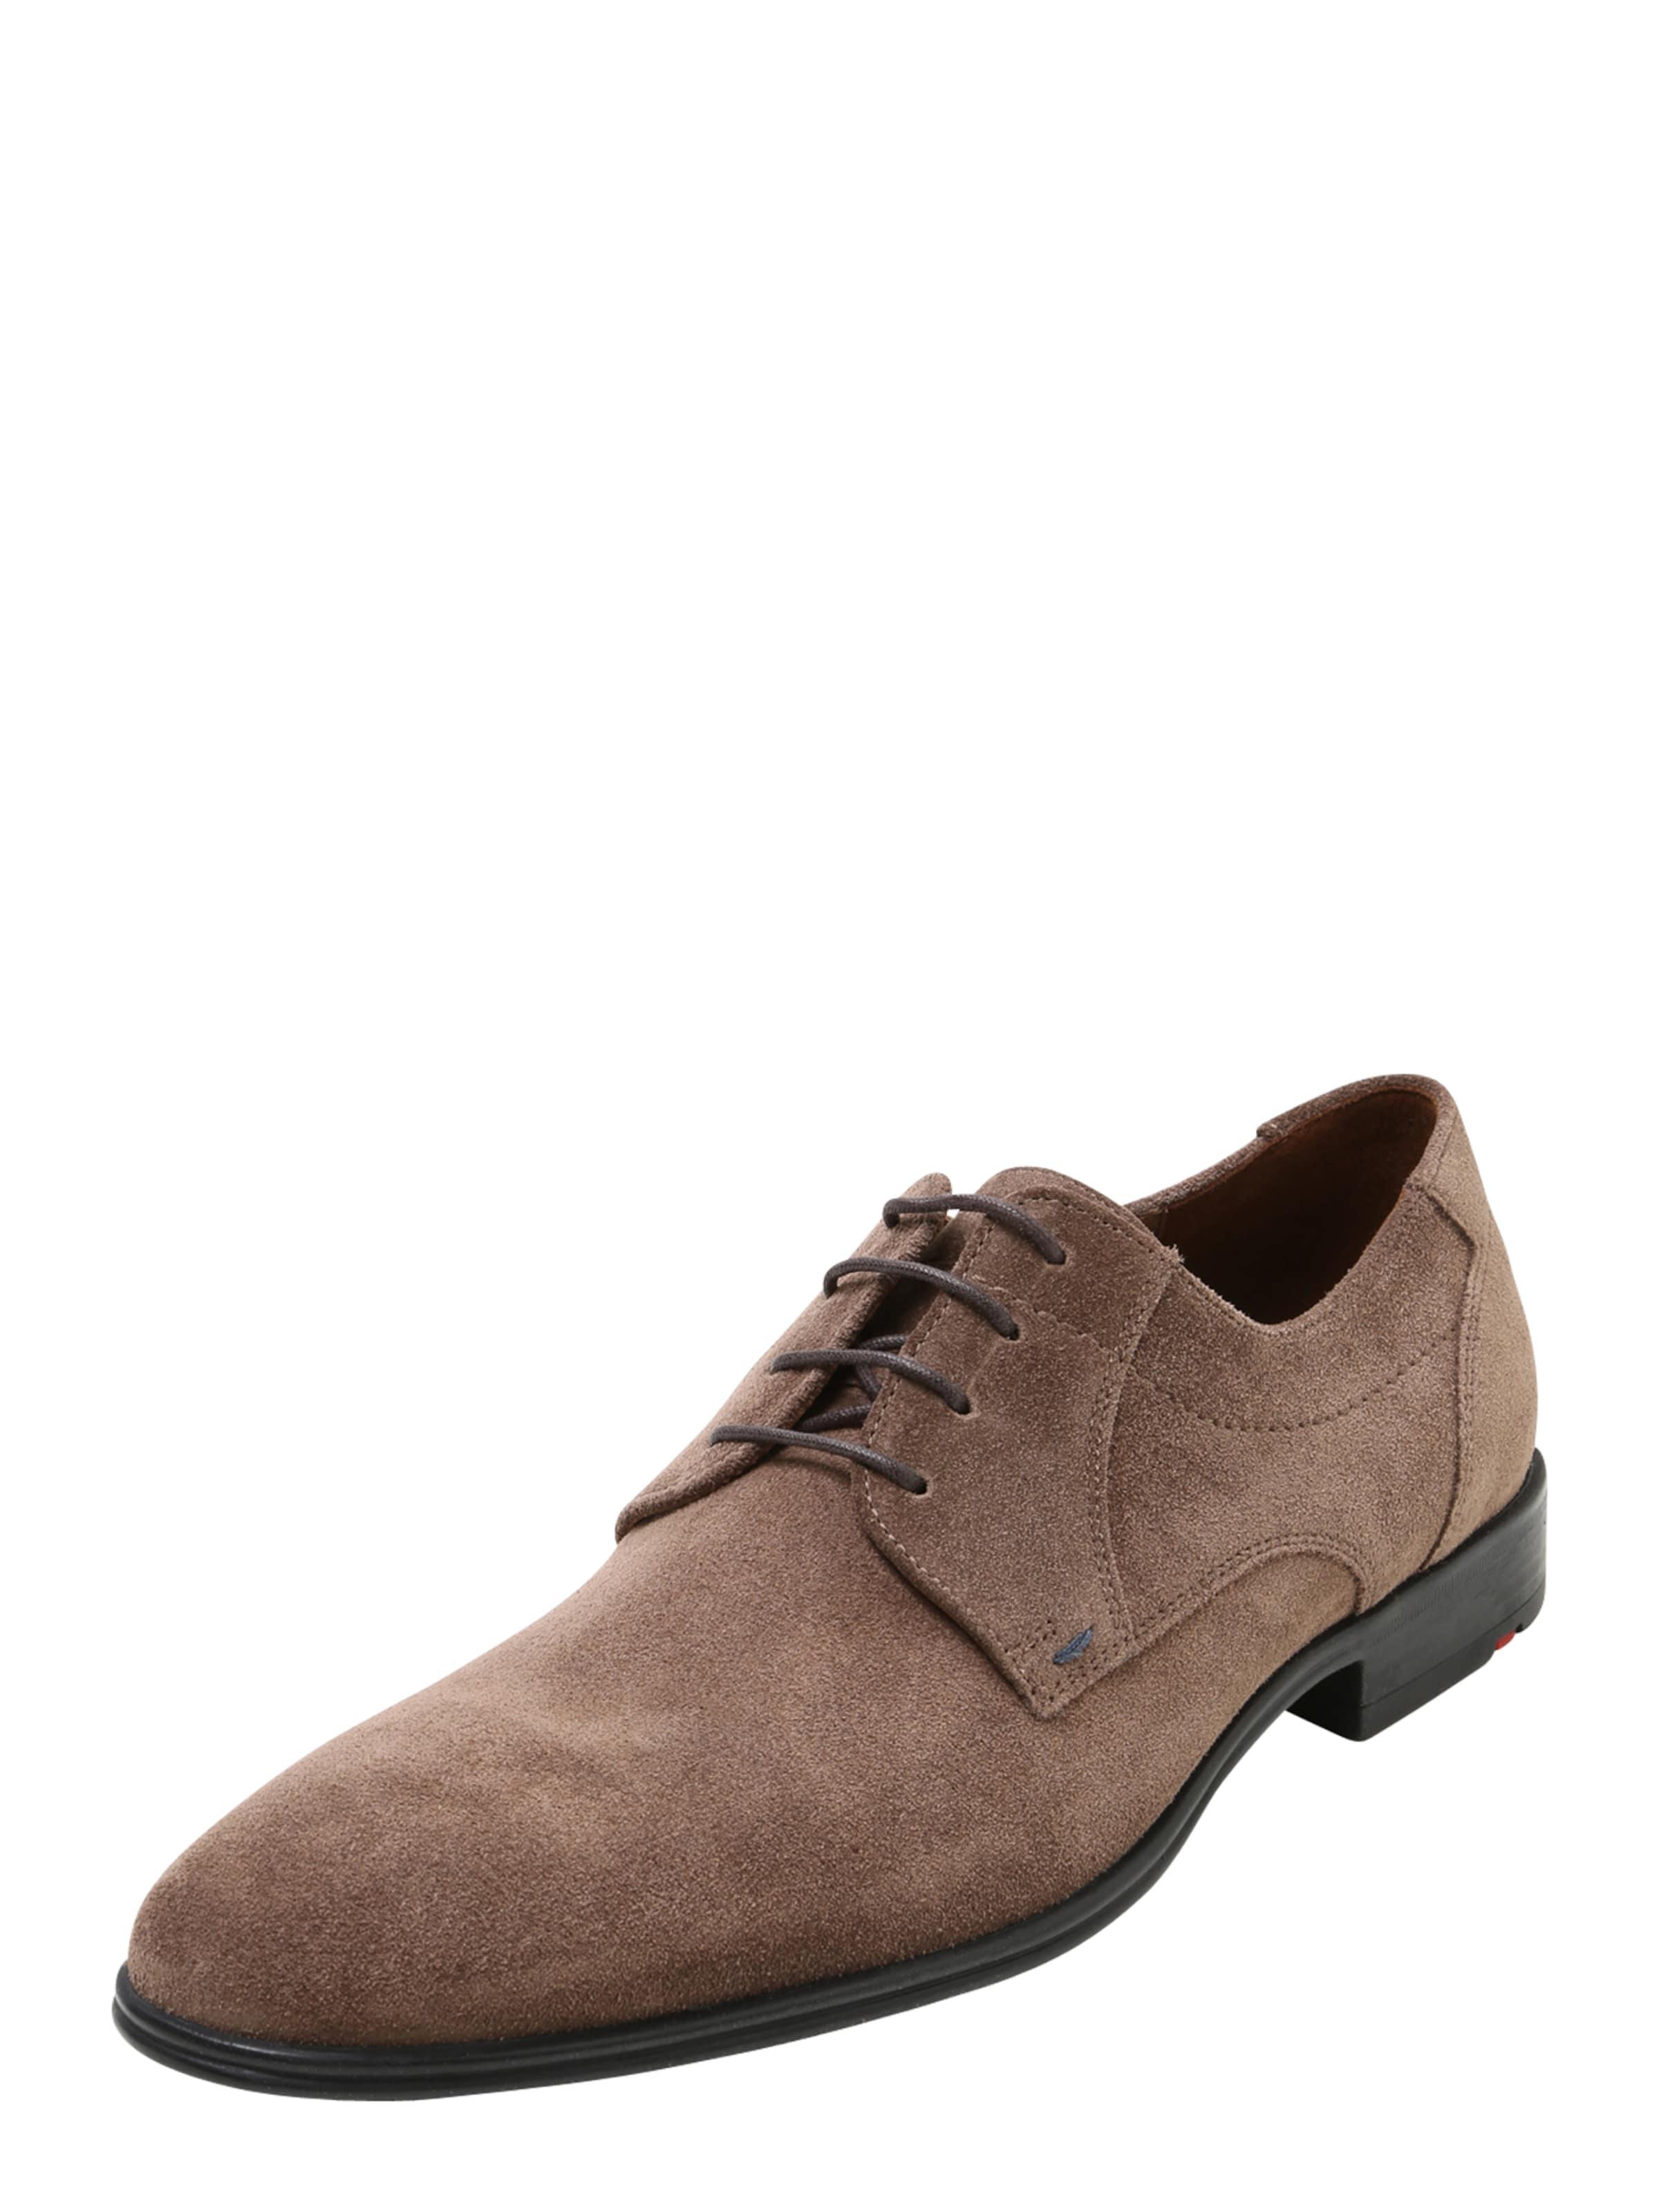 Haltbare Mode billige Schuhe LLOYD | Schnürschuhe 'OSMOND' Schuhe Gut getragene Schuhe